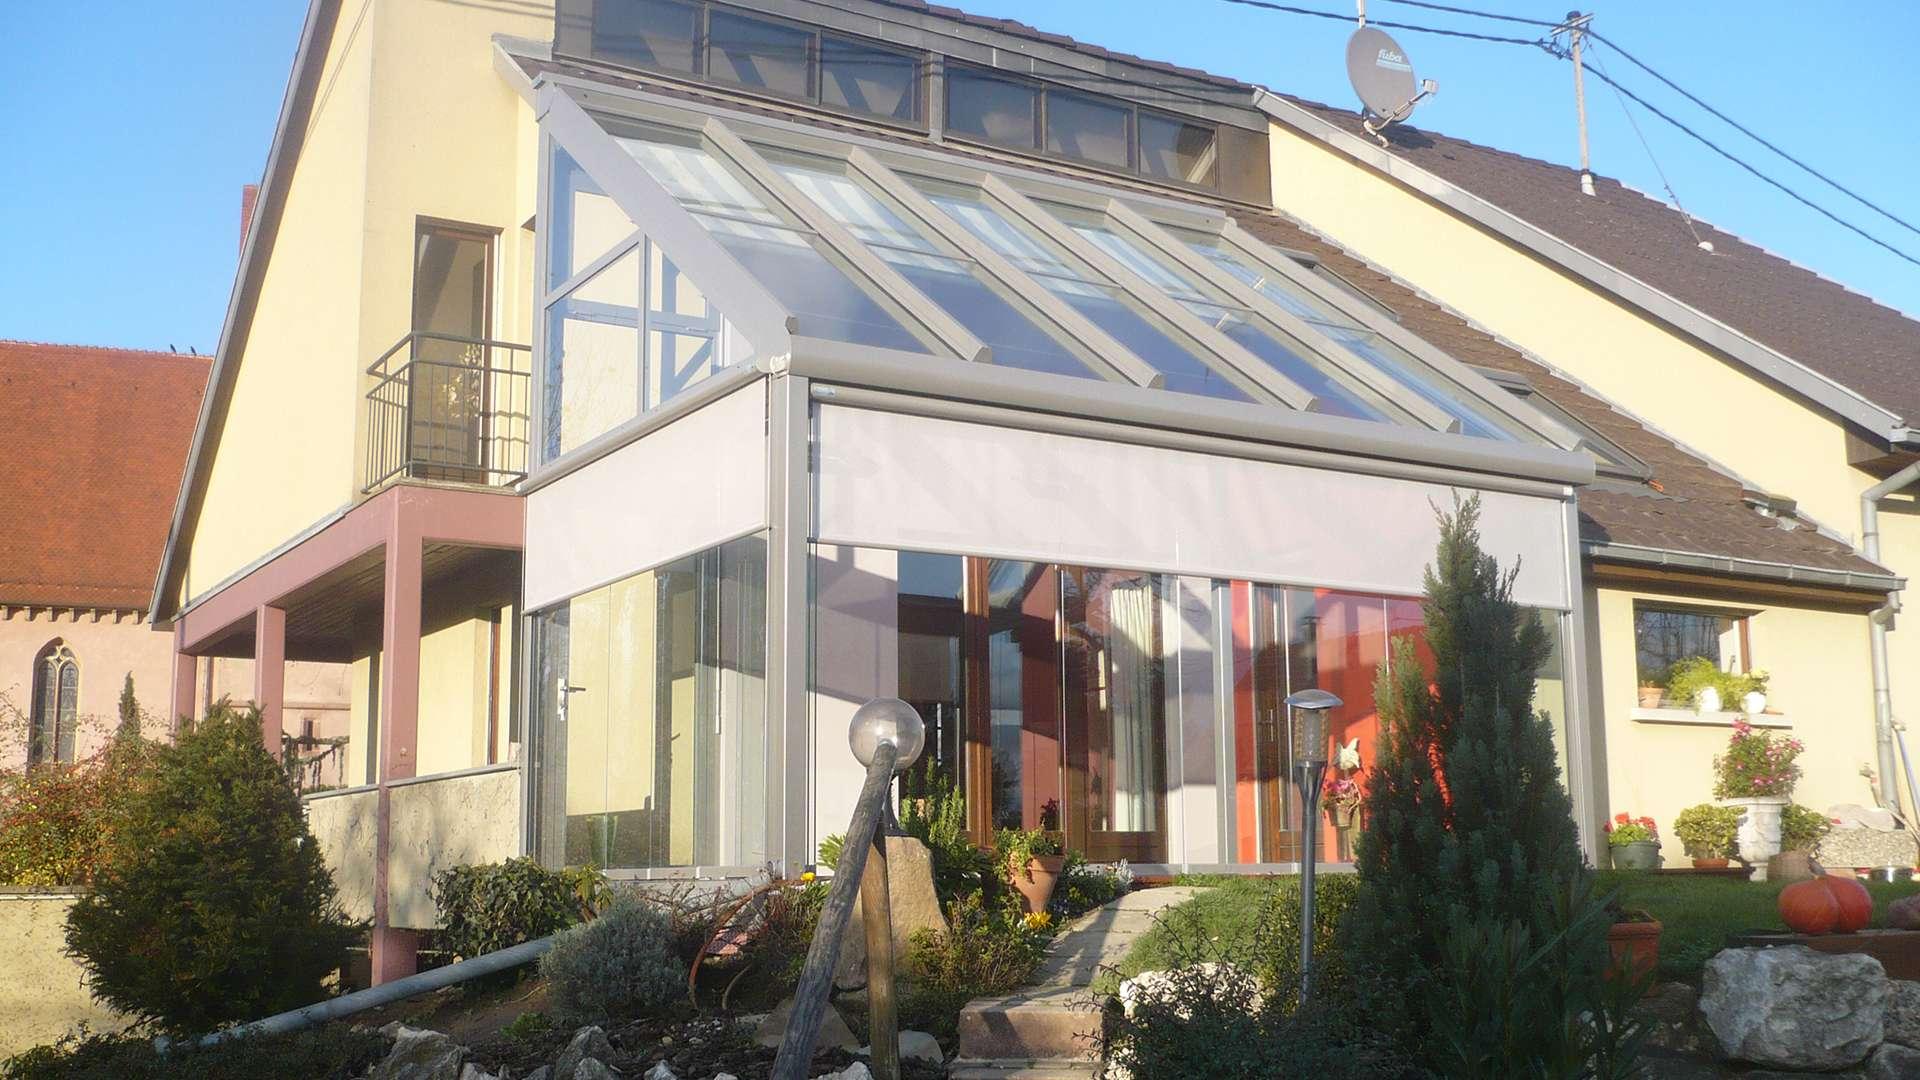 hellgrauer Wintergarten mit Pultdach an einem hellgelben Wohnhaus